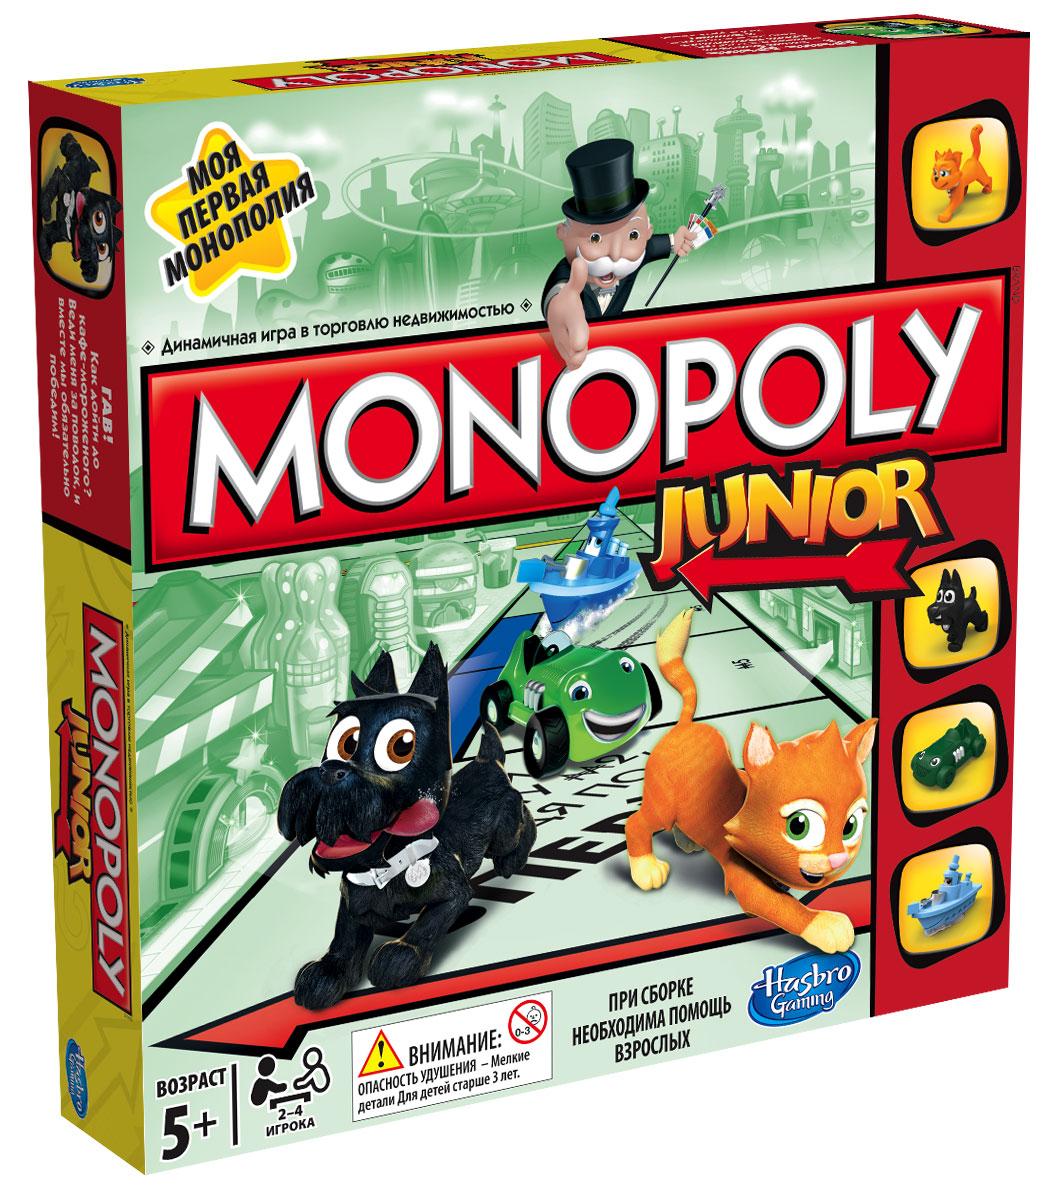 Настольная игра Моя первая монополия. A6984A6984121Монополия - одна из самых увлекательных настольных игр, которая обучает торговле недвижимостью. Изобретенная в Америке во времена великой депрессии, эта игра позволит вам распоряжаться большими деньгами и быстро разбогатеть. Моя первая монополия - это новая веселая версия Монополии, созданная специально для детей. Выигрывает тот, кто первым соберет свою башню империи! Дети становятся владельцами музея, магазином игрушек, кондитерской и другой недвижимостью, которая так привлекает маленьких непосед. Перед началом игры каждый участник должен выбрать одну из четырех разных фигурок (фишек). В ходе игры вы можете перемещаться по игровому полю, покупать собственность, которая вам понравится, и испытывая удачу. Когда у одного из игроков заканчиваются деньги, другие участники подсчитывают сбережения. Побеждает игрок, у которого больше всех денег. В комплект игры входит: игровое поле, 4 фишки, 48 значков Продано, 20 карточек Испытай удачу, 90 банкнот,...